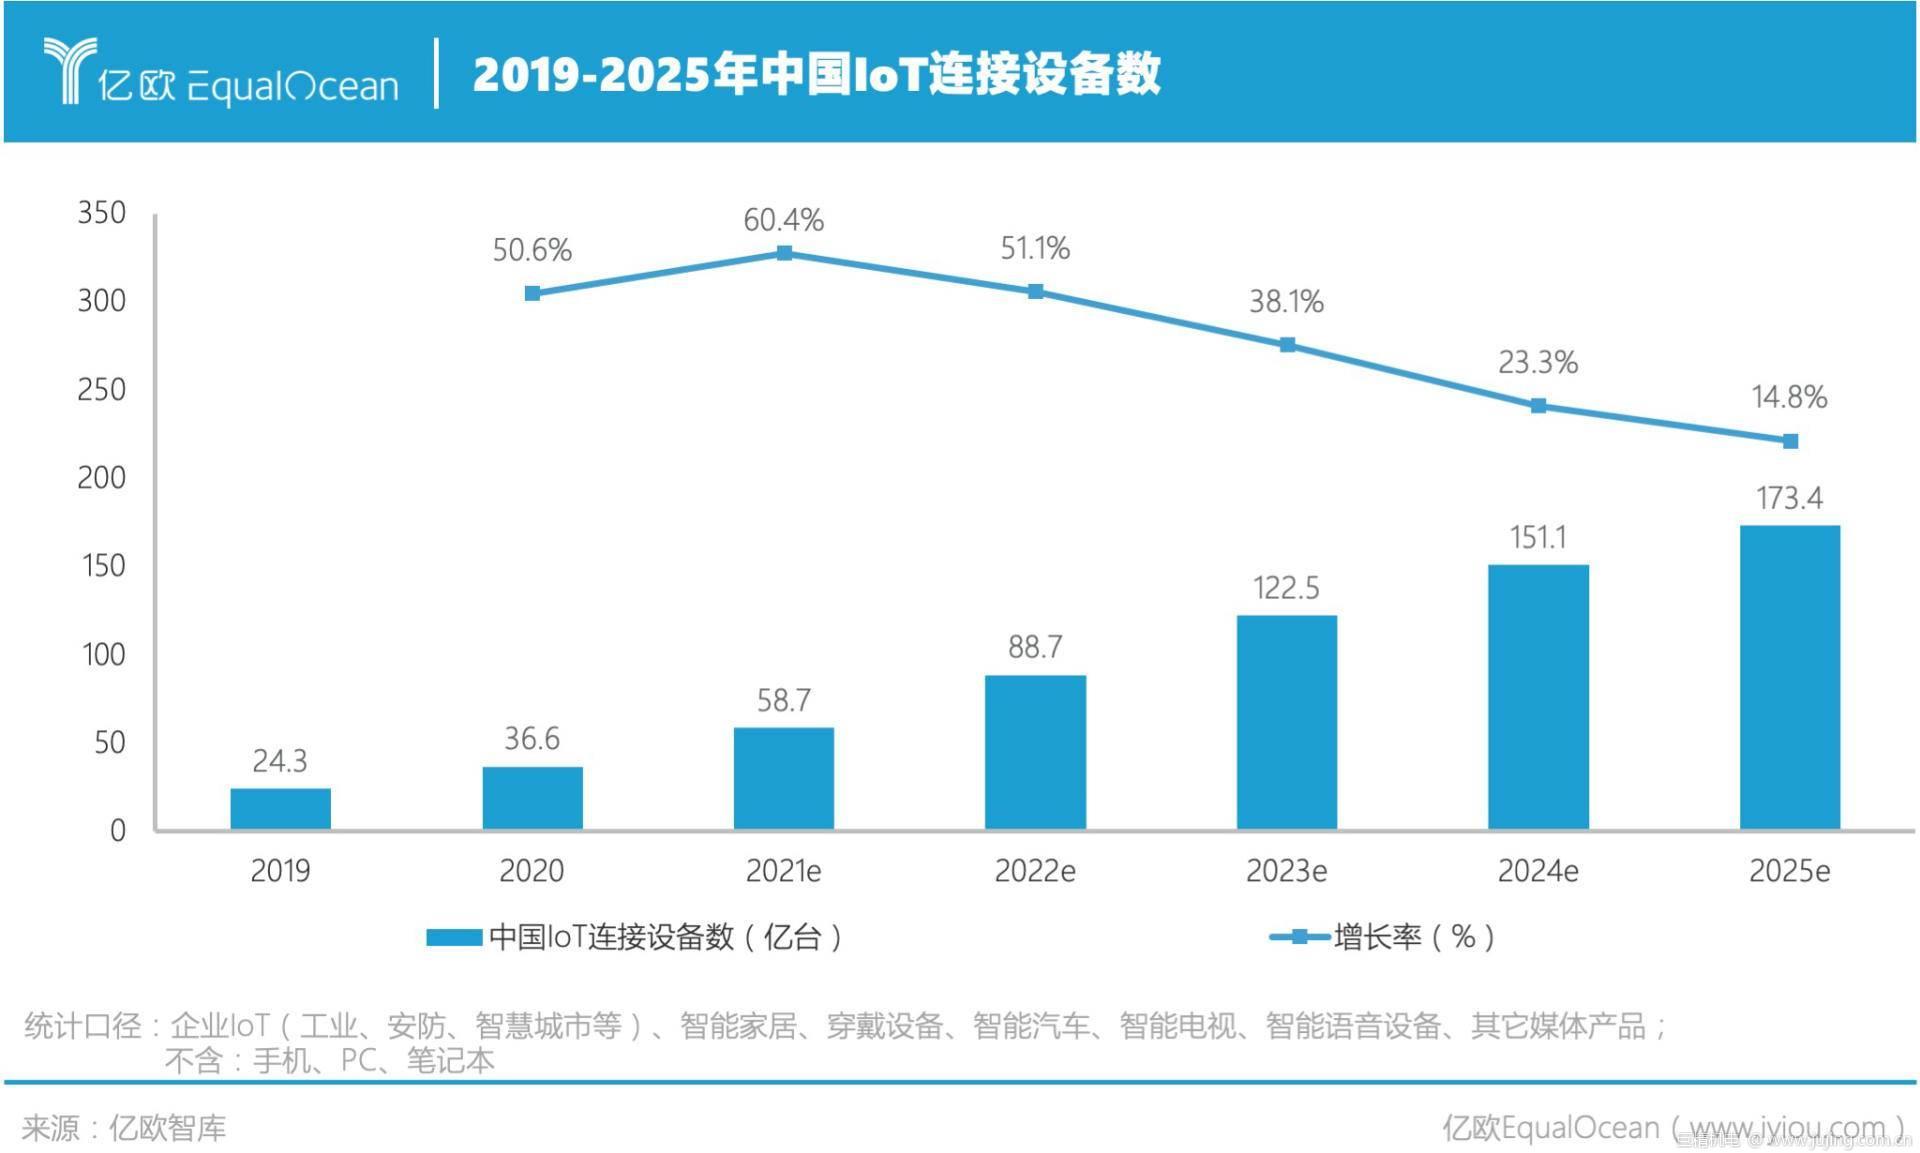 亿欧智库:2025年中国IoT连接设备数将超过170亿台